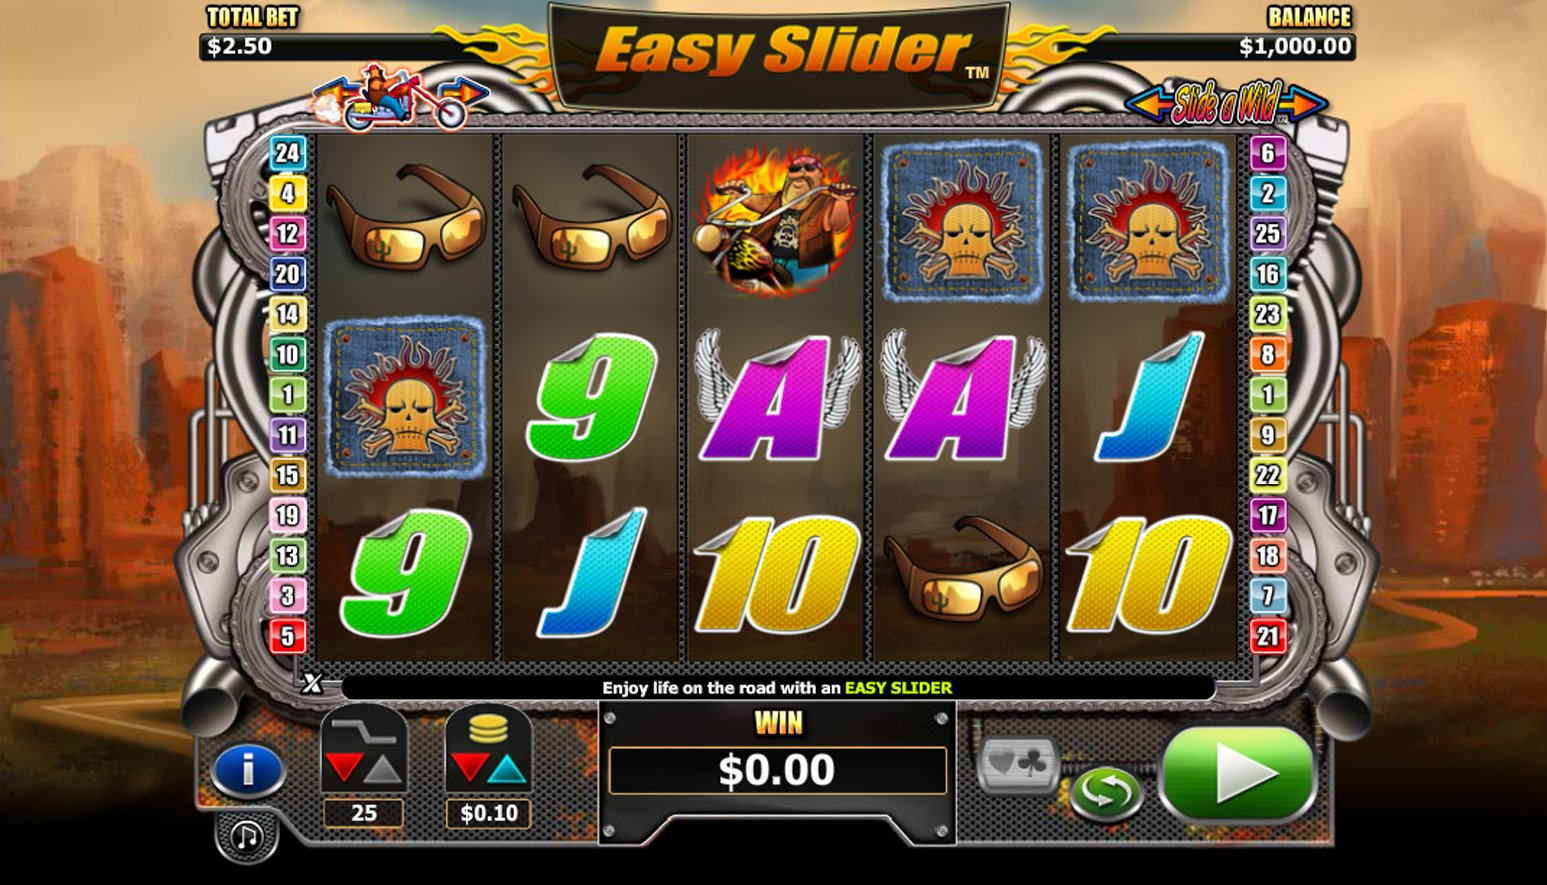 Easy Slider game